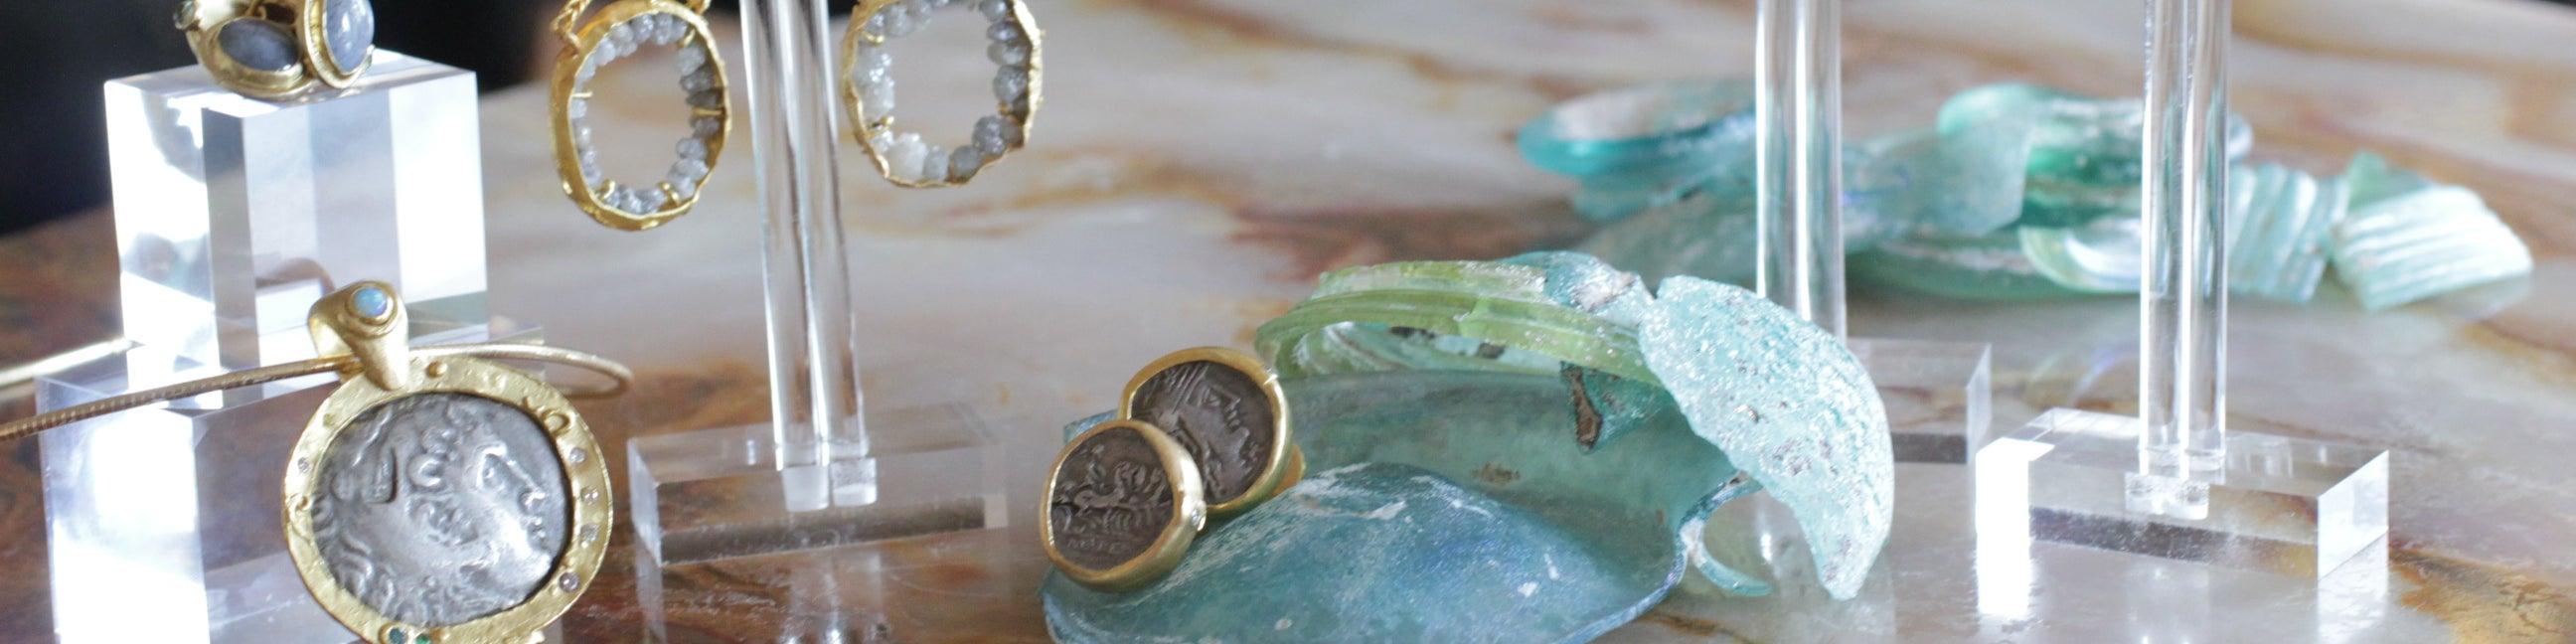 AB Jewelry NYC